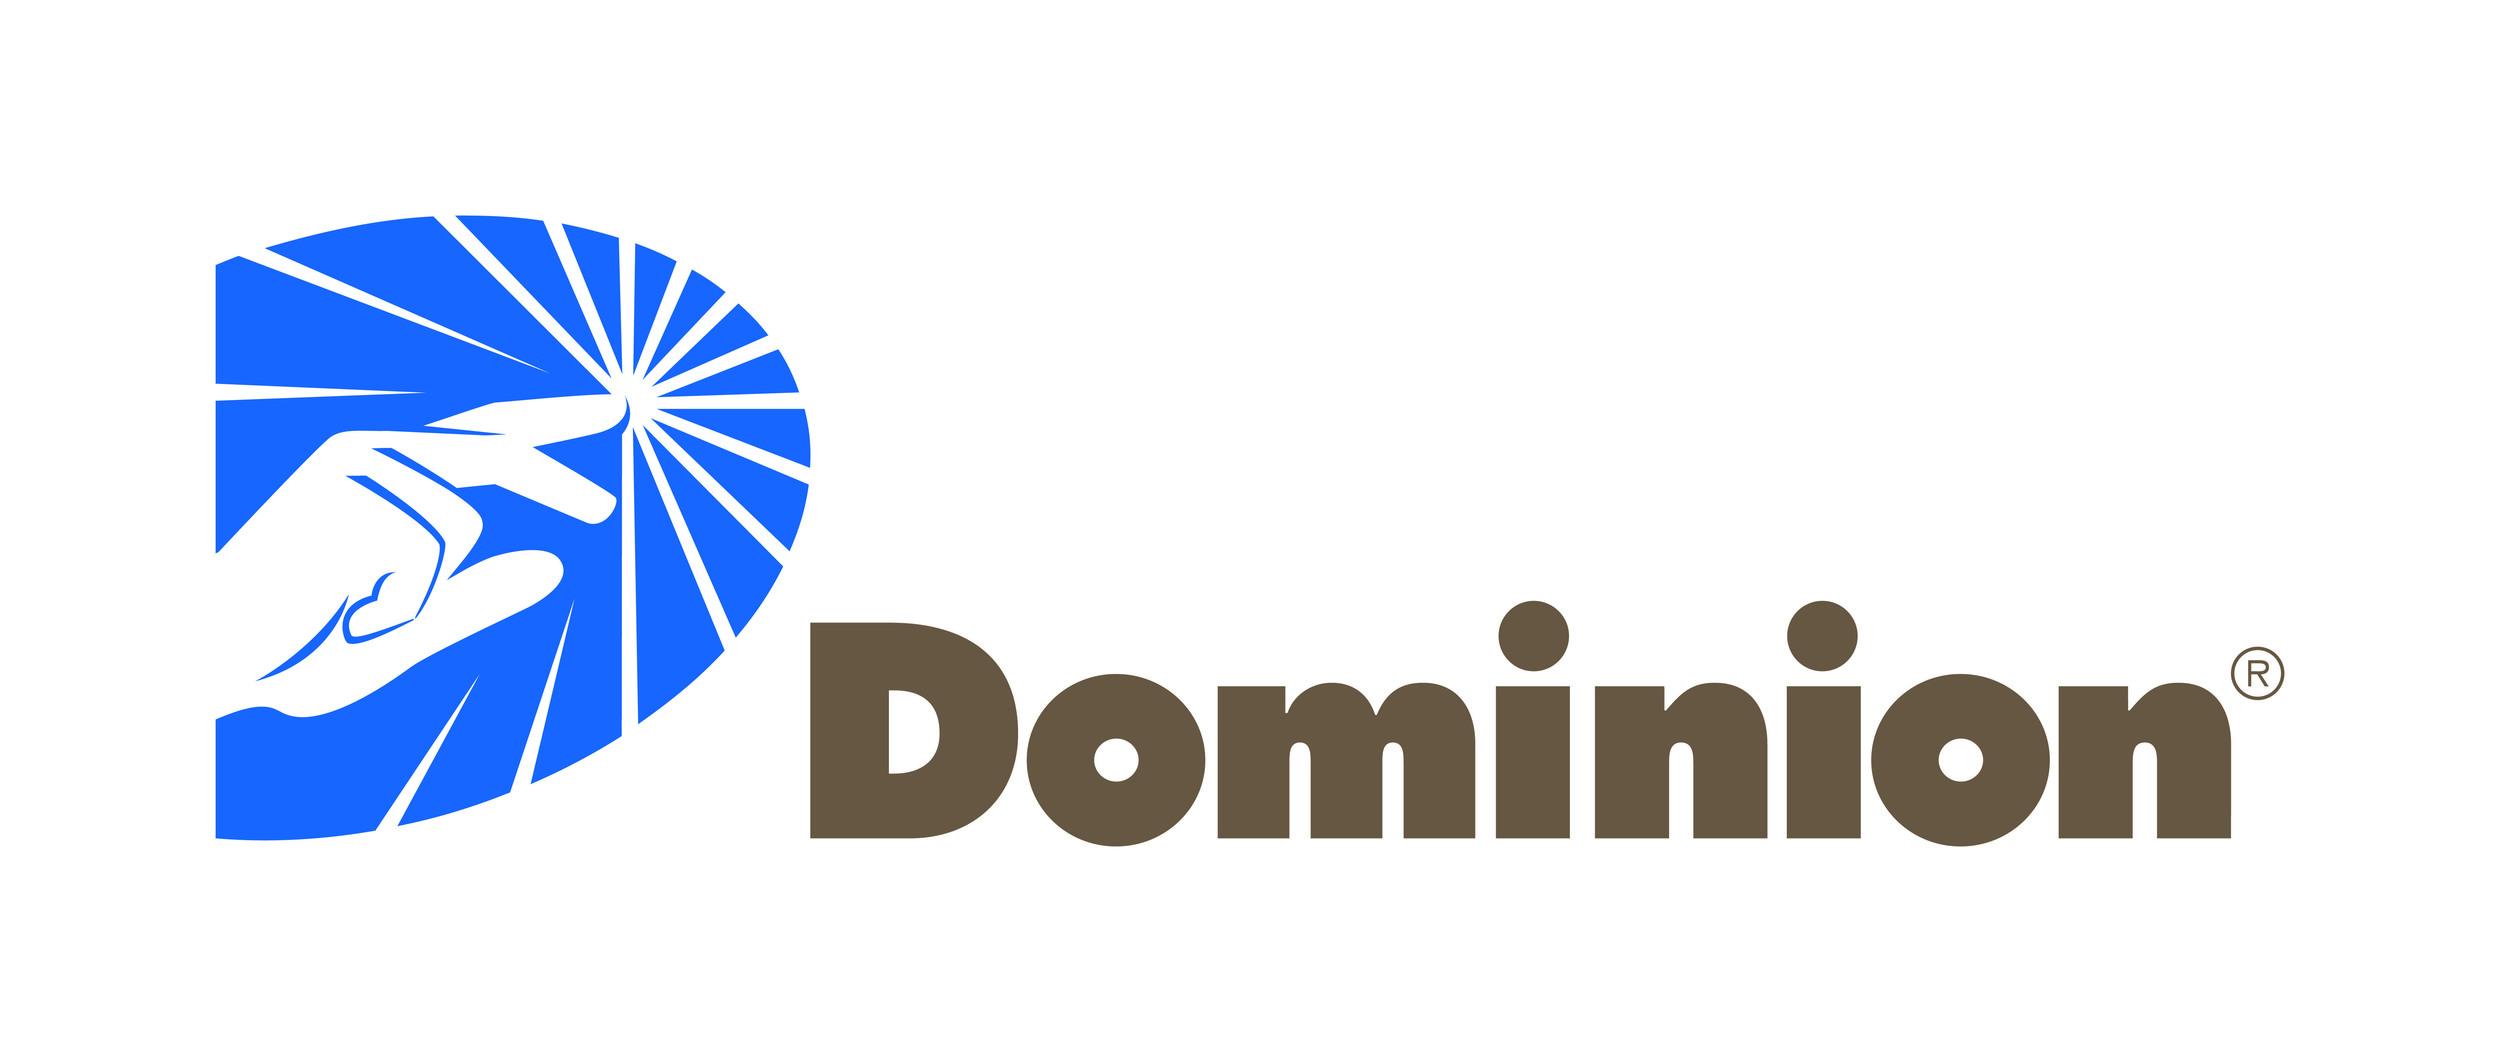 DOM HORZ 2C CMYK-10 .jpg